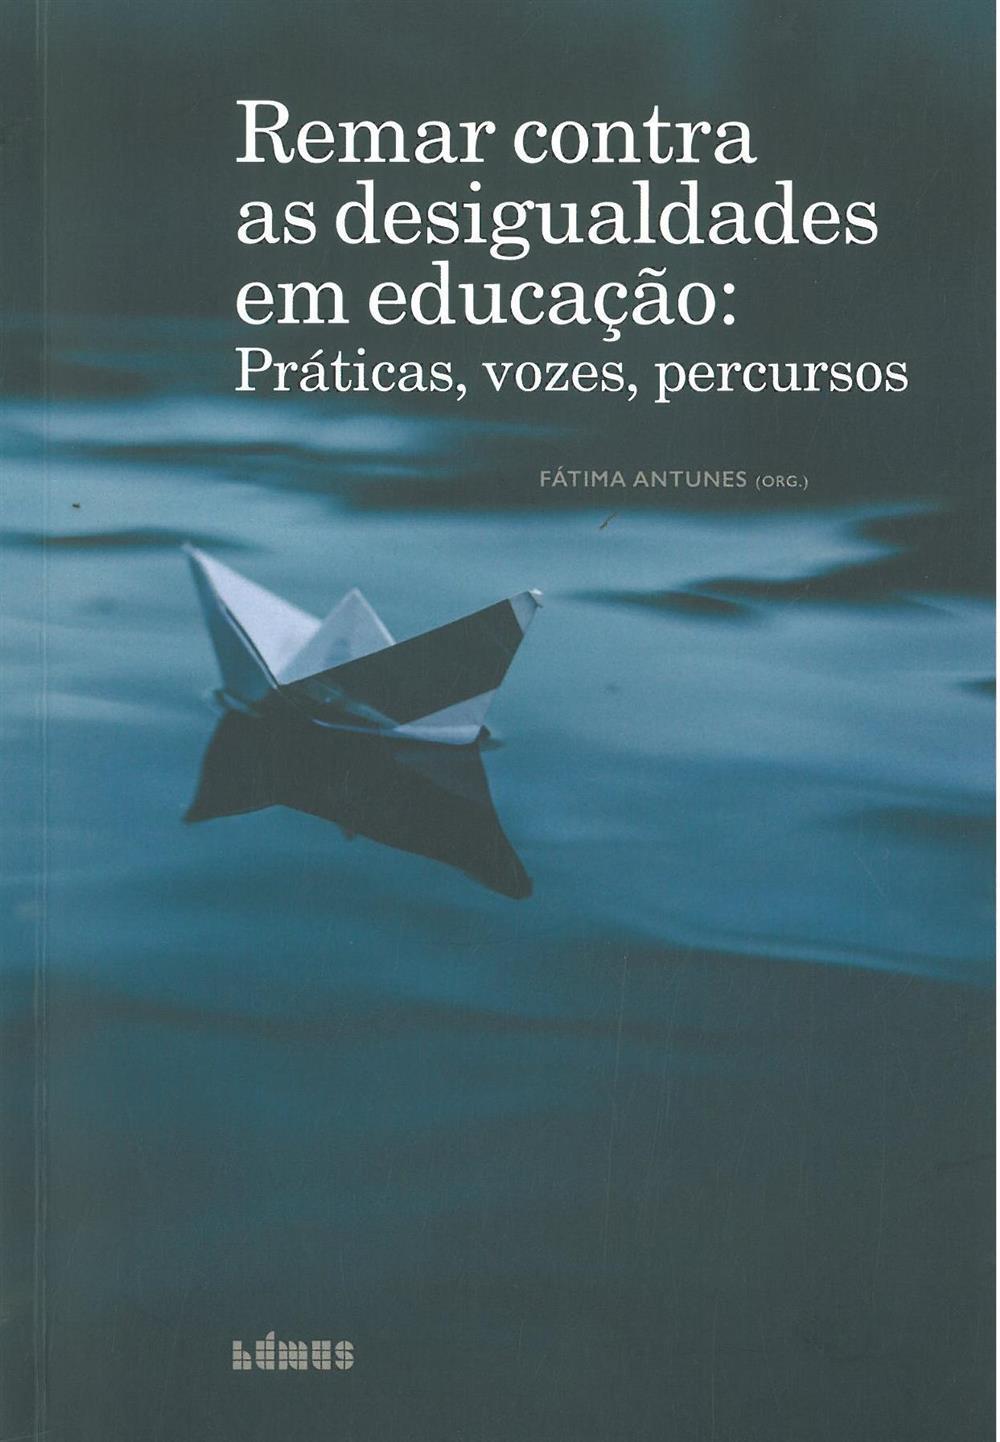 Remar contra as desigualdades em educação : práticas, vozes, percursos.jpg